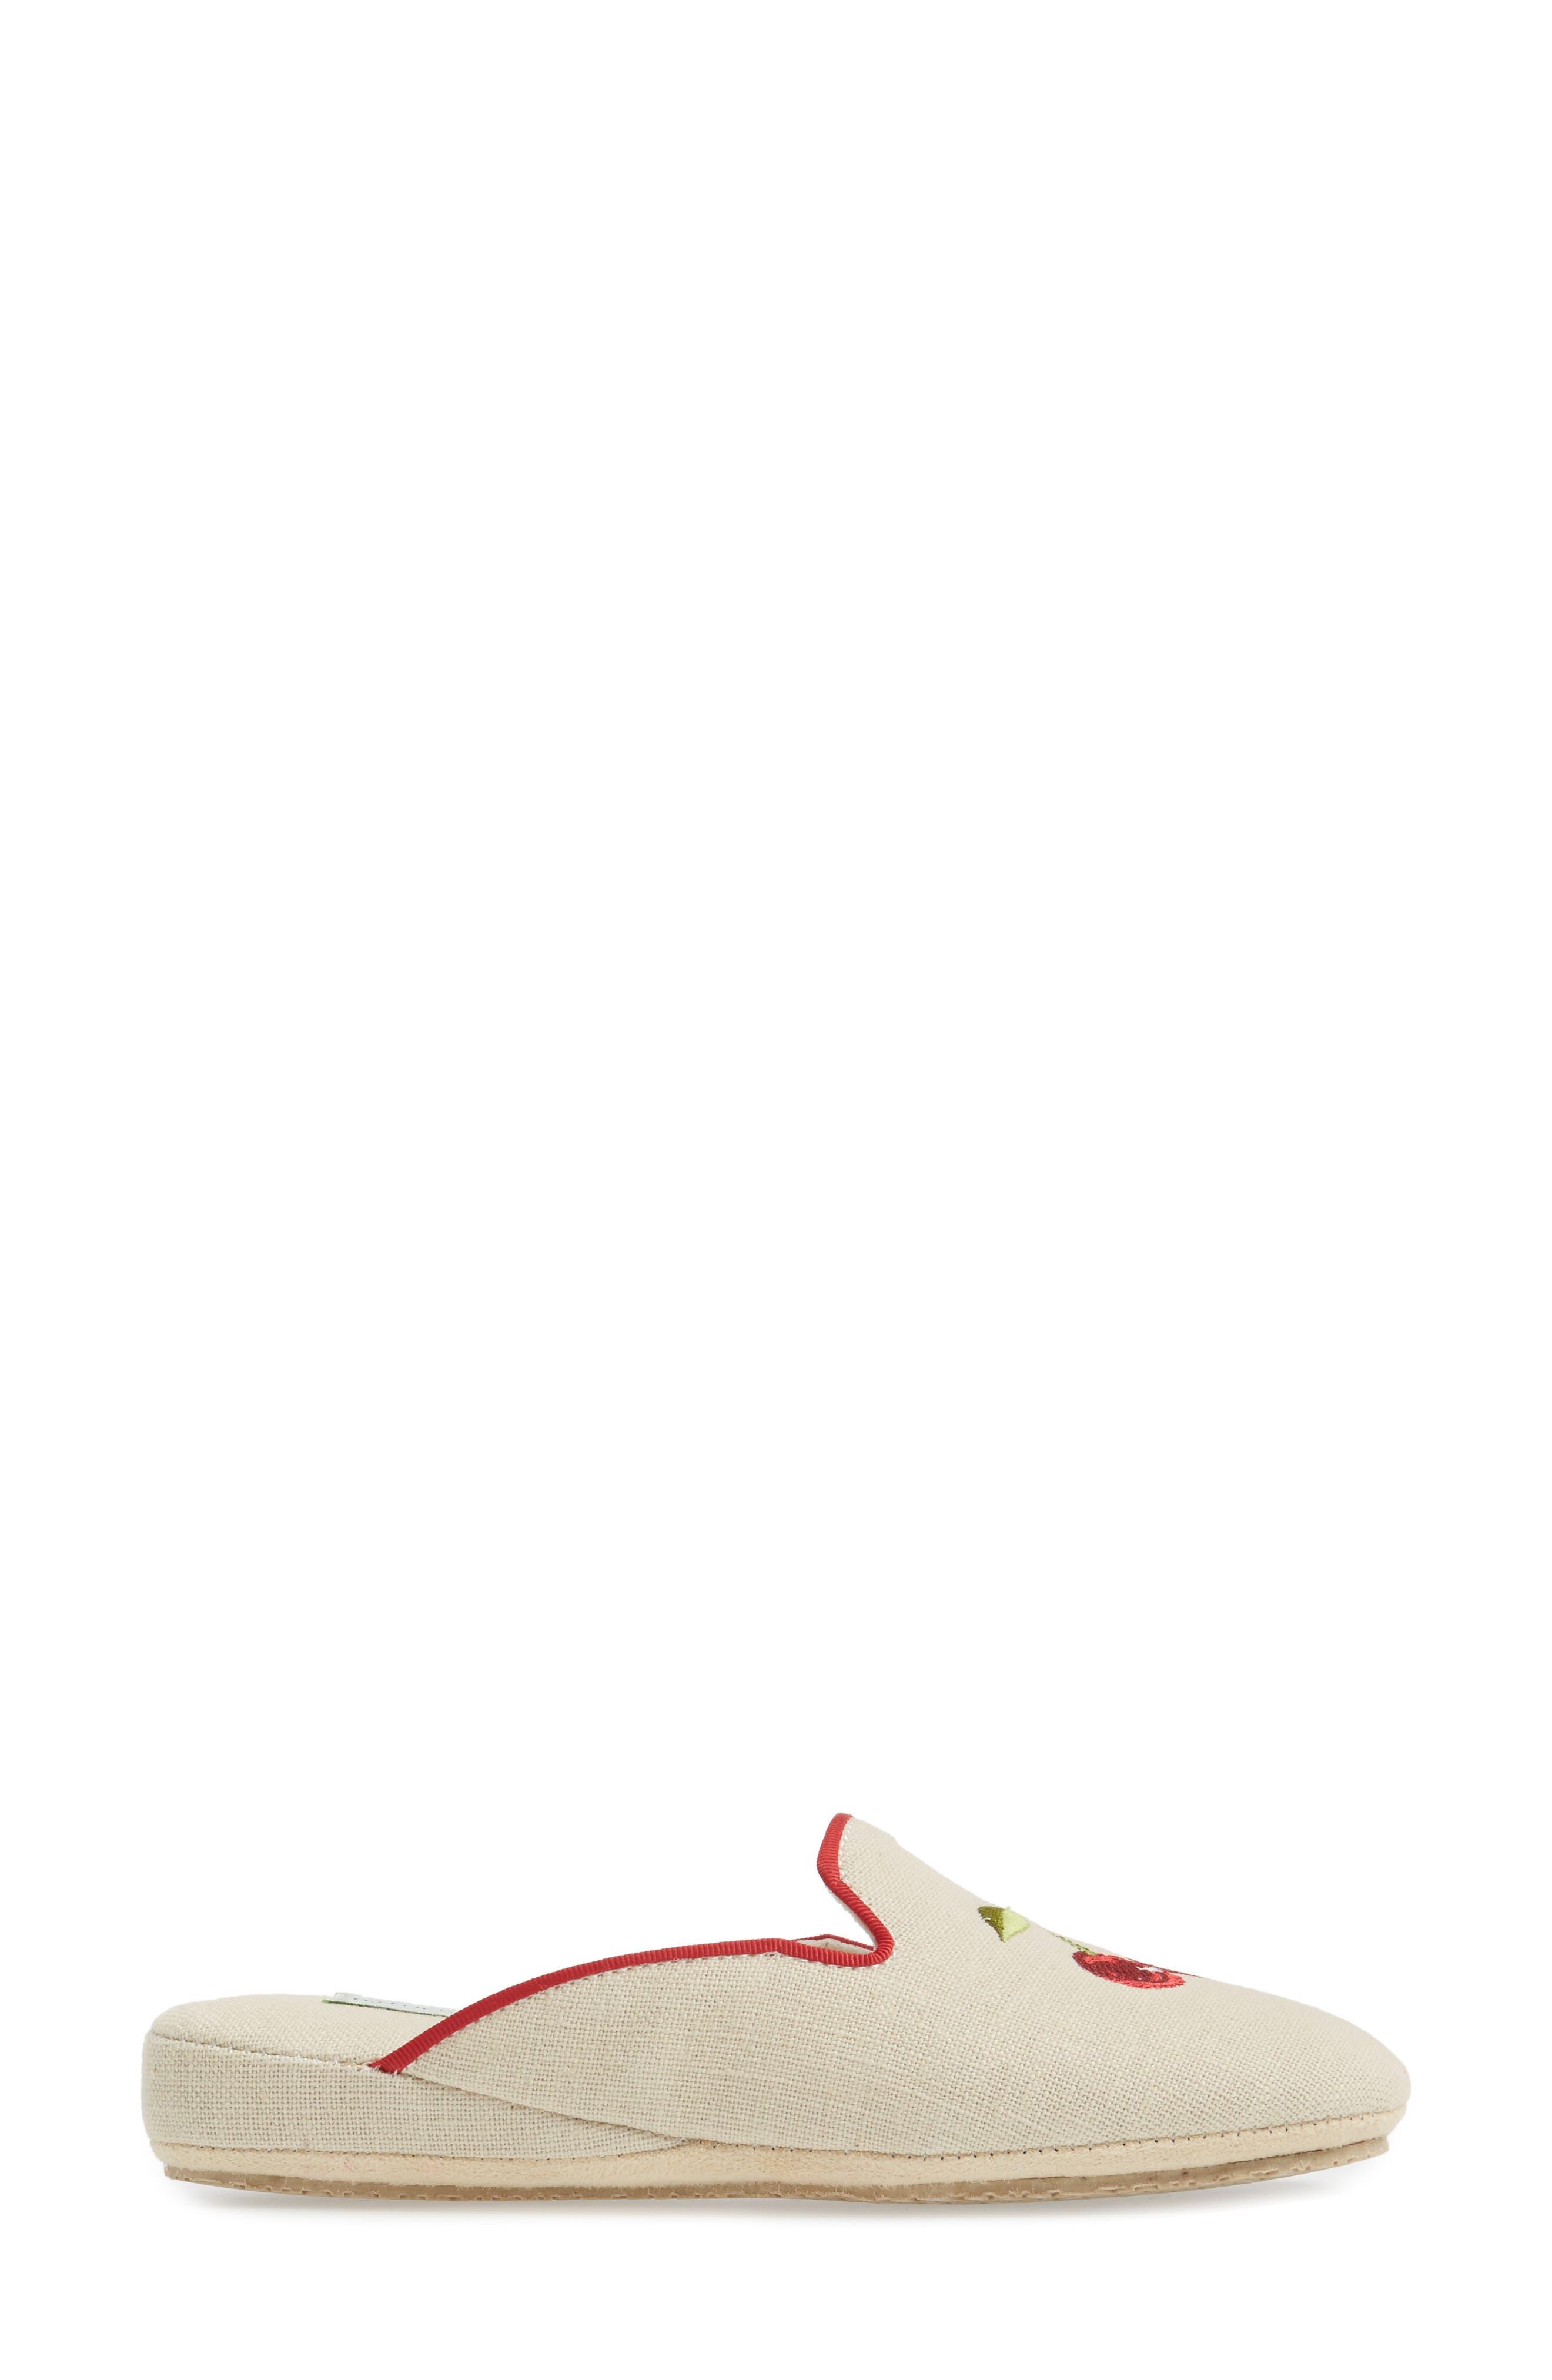 Cherries Slipper,                             Alternate thumbnail 3, color,                             252